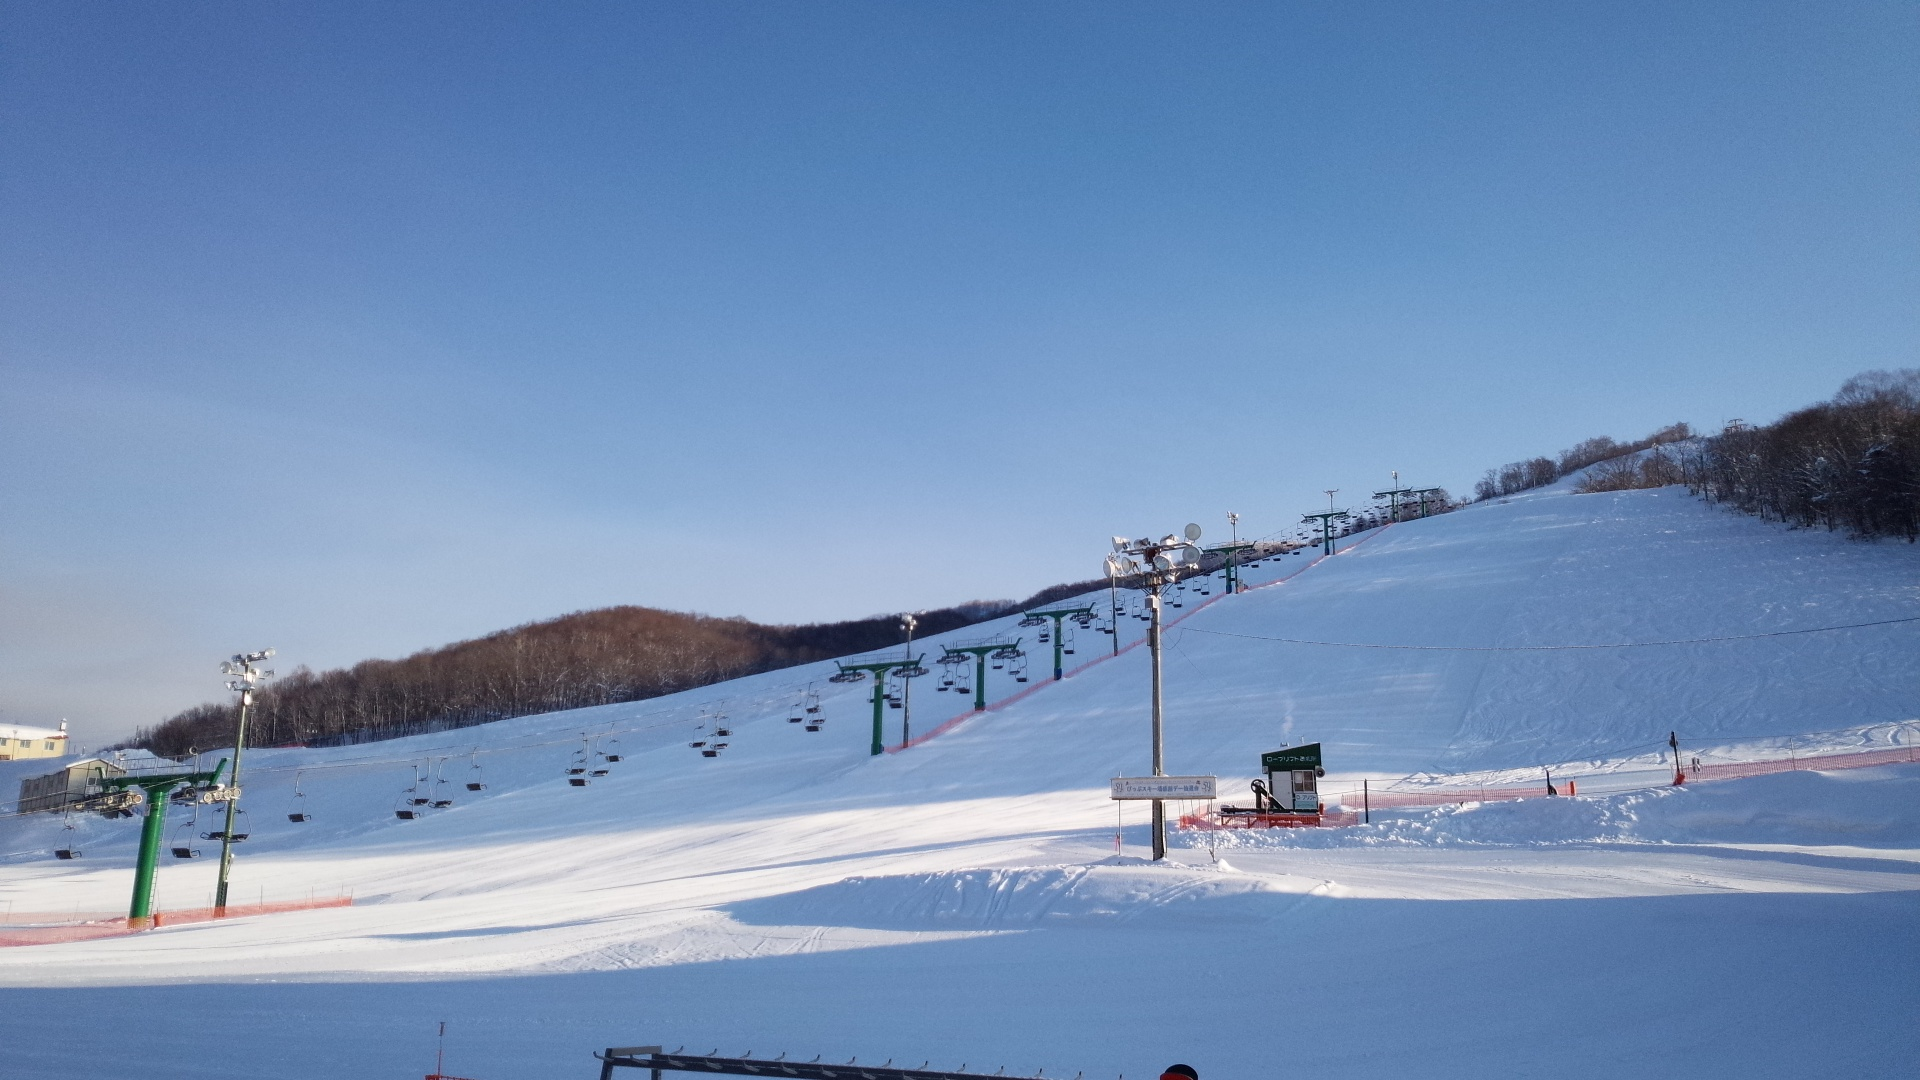 ぴっぷスキー場は初心者でも楽しめる!充実したコースでナイター利用も!